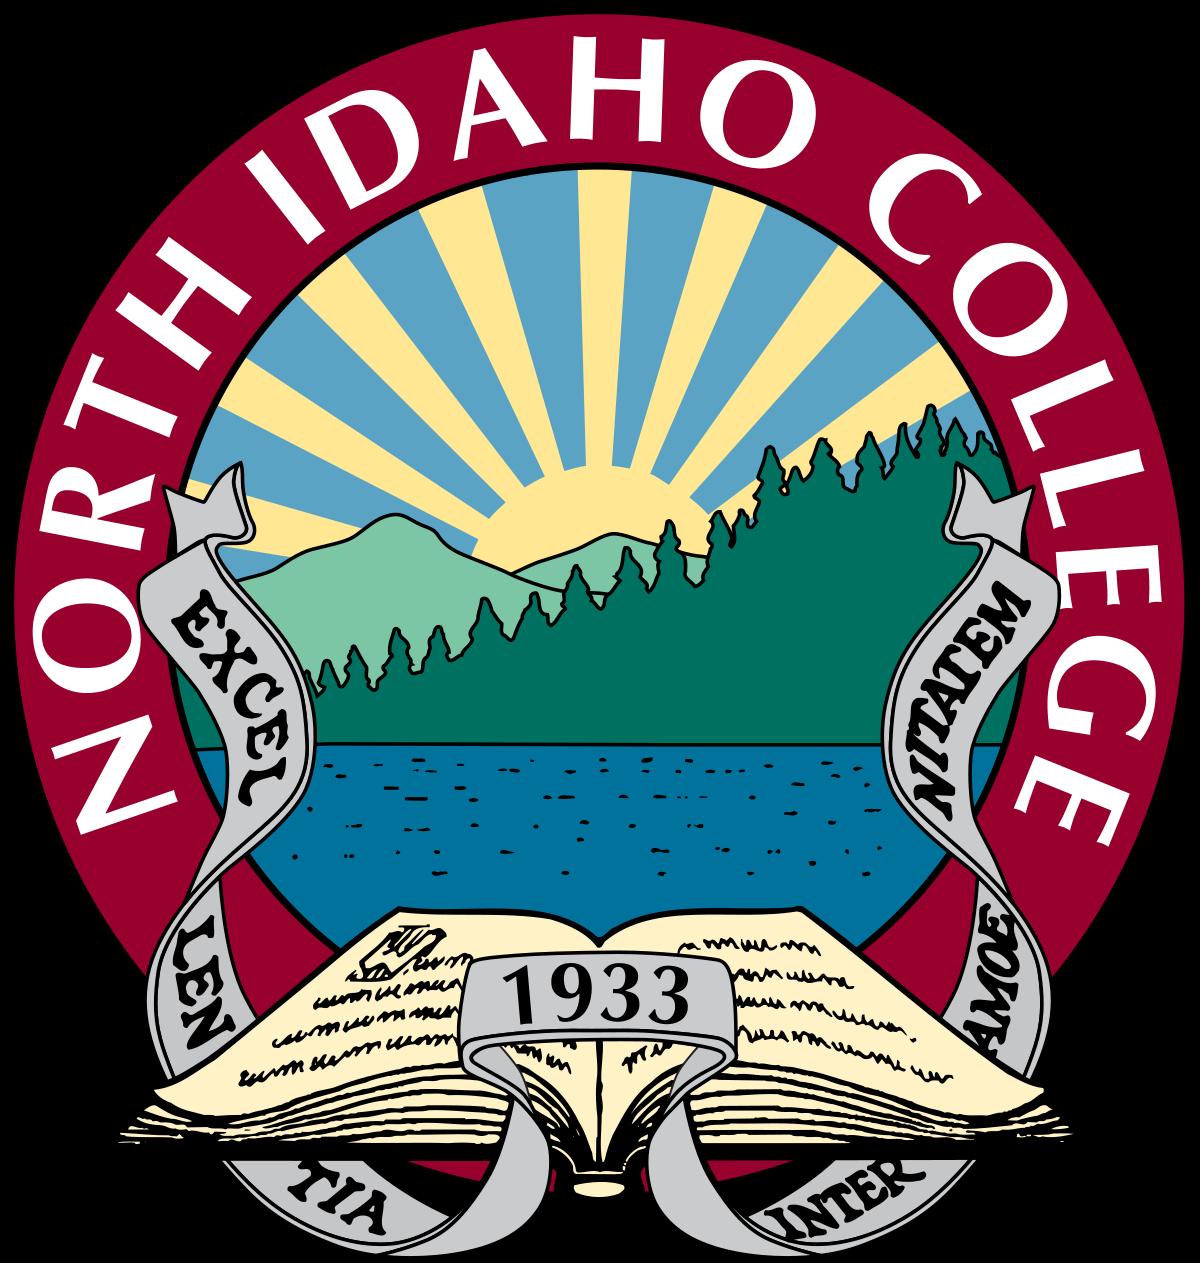 Goshen college baseball clipart graphic North Idaho College - Wikipedia graphic